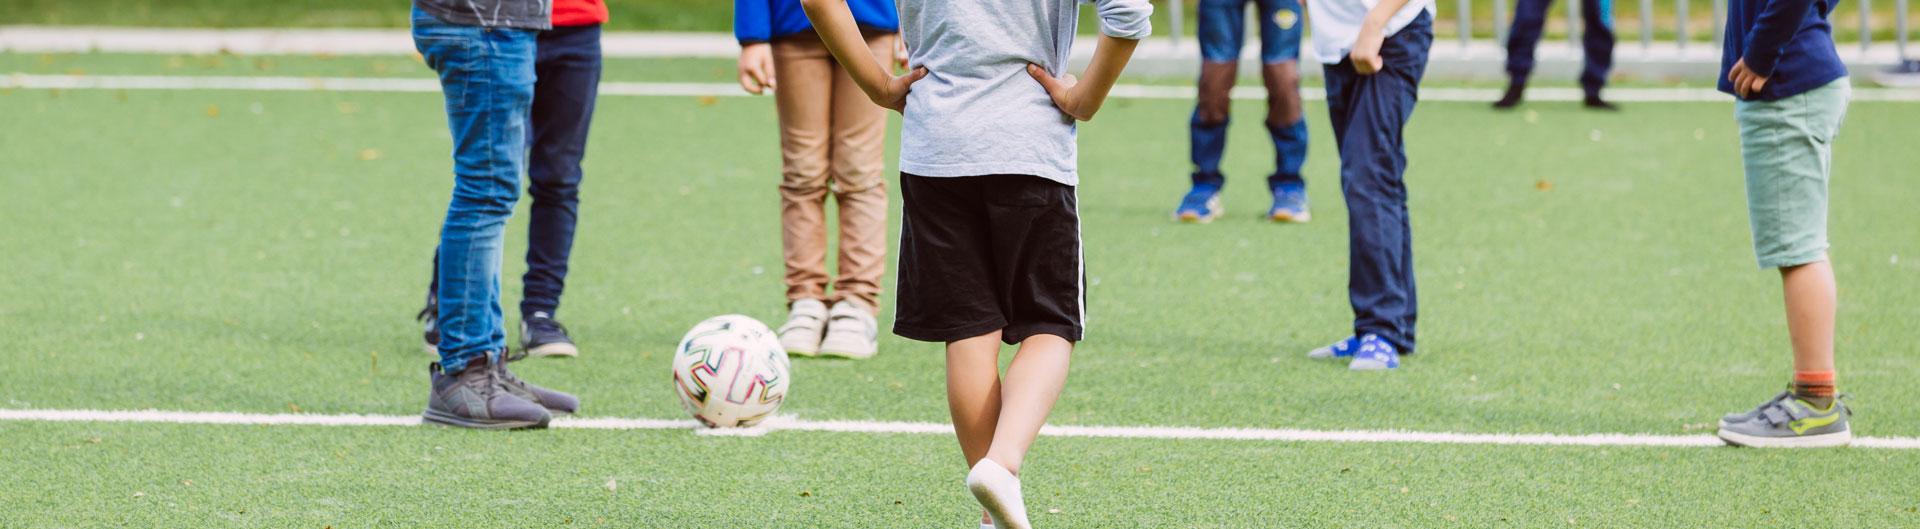 Viele Schüler stehen auf einem Fußballfeld. Man sieht nur die Beine und Füße.